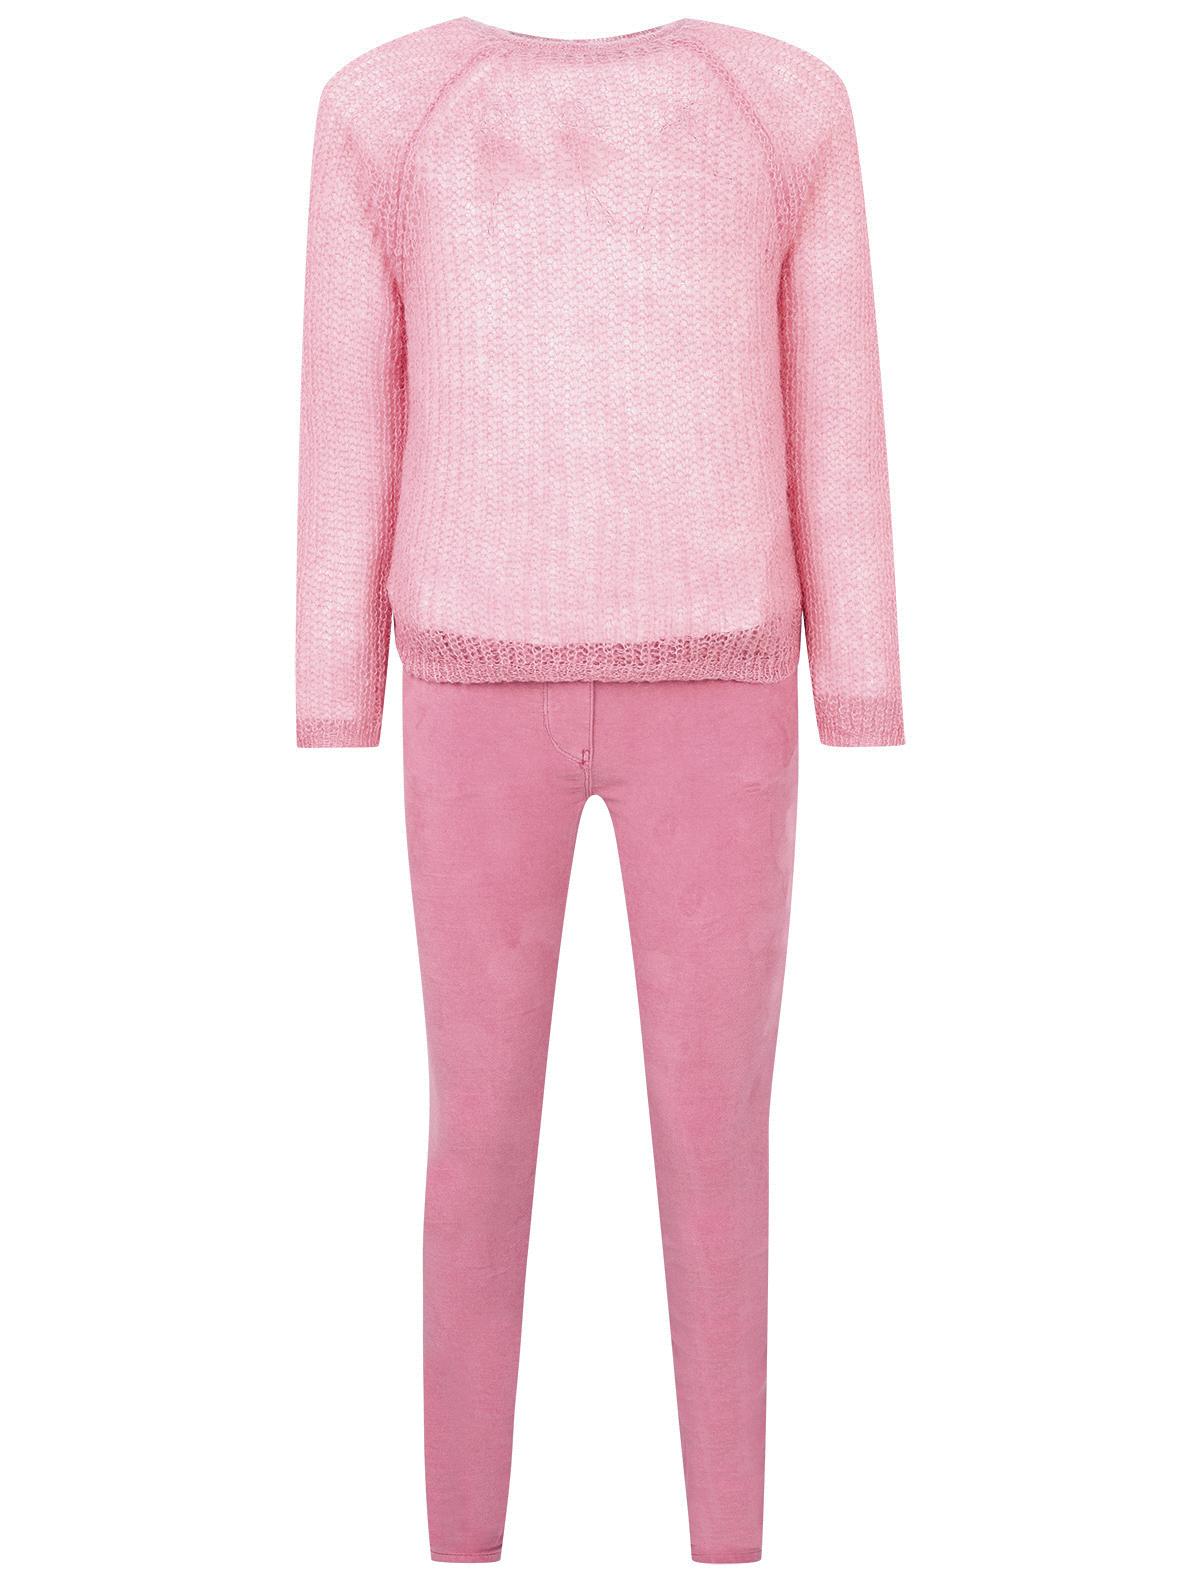 Купить 2034208, Комплект из 3 шт. Il Gufo, розовый, Женский, 3032609980756